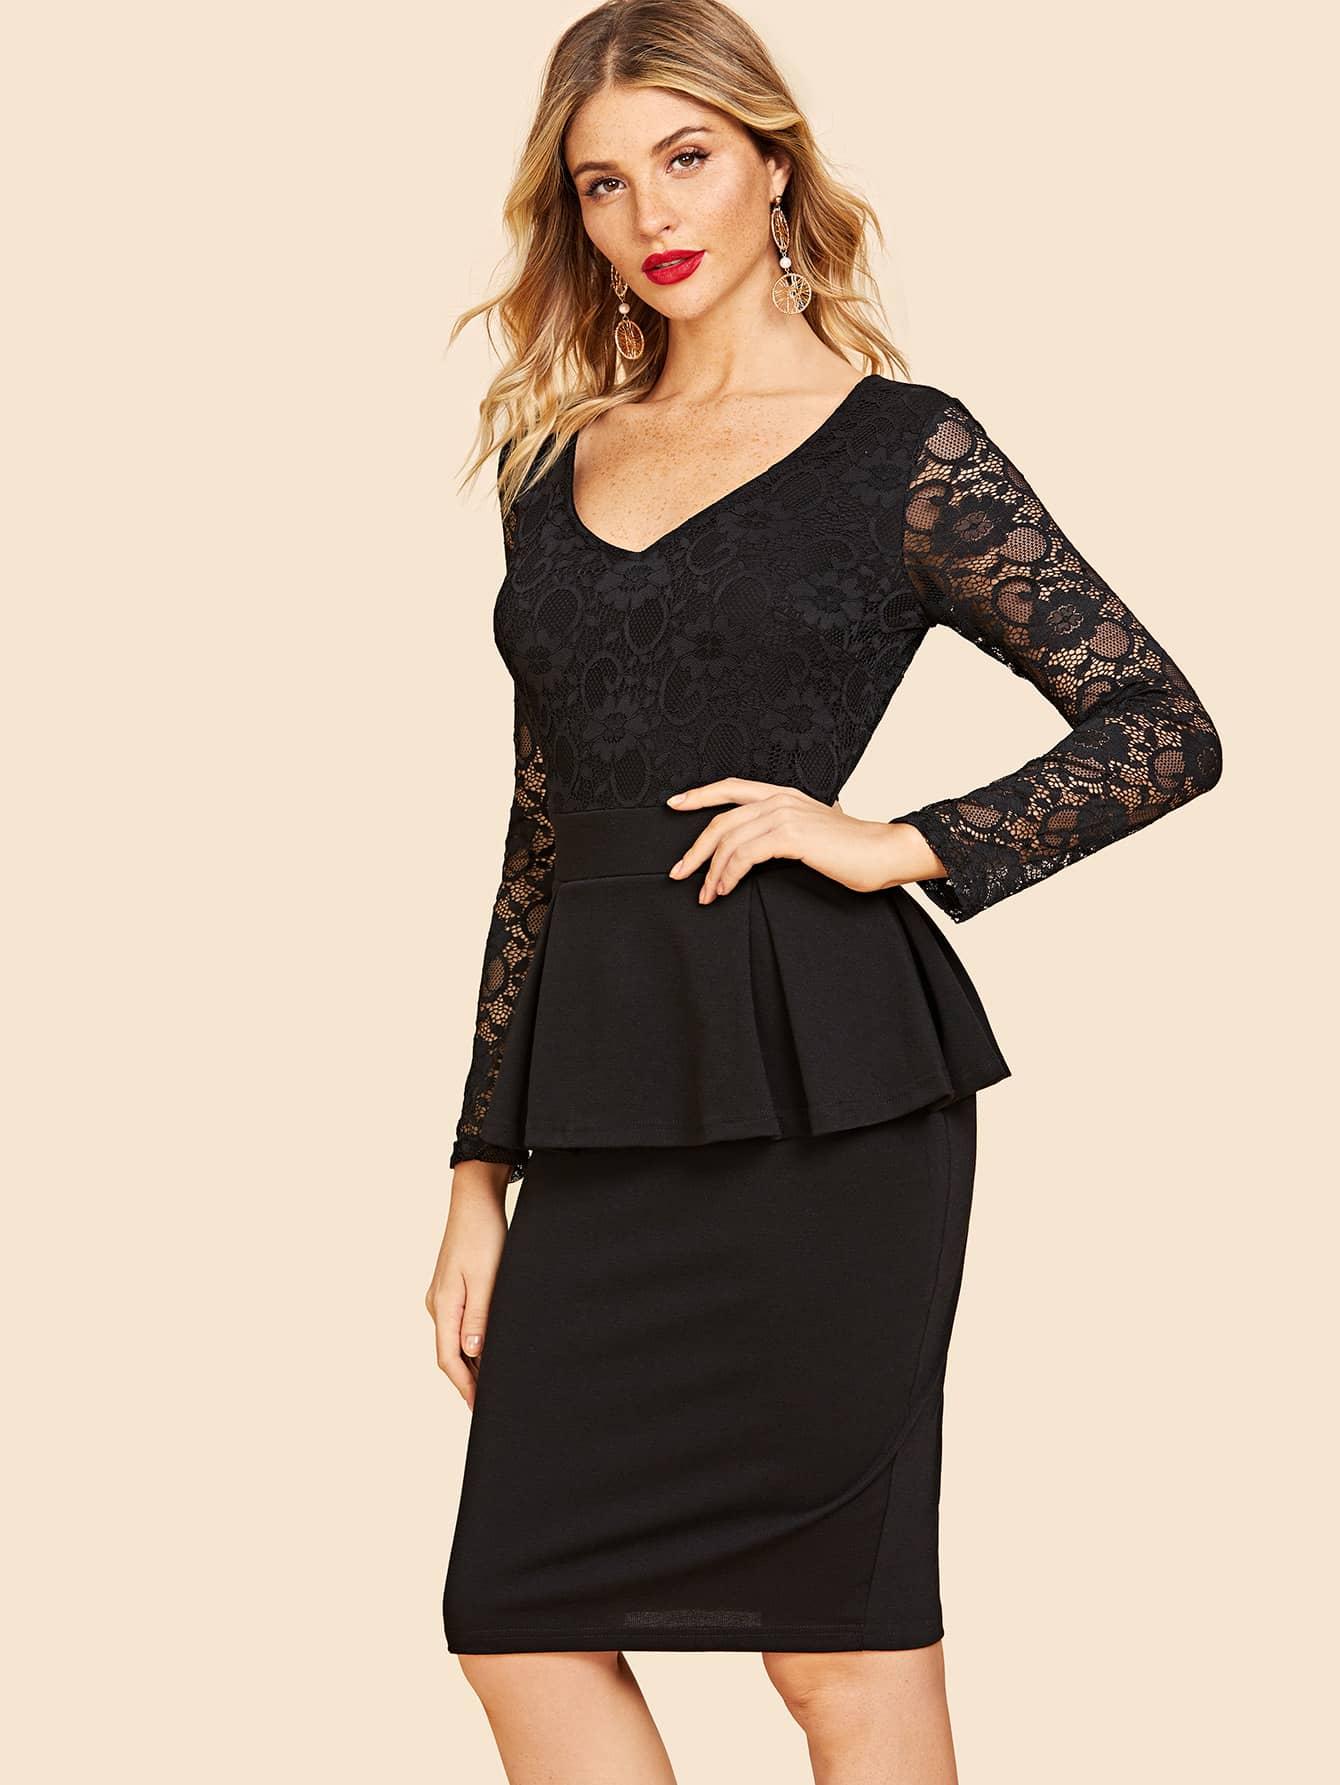 50s Contrast Lace Peplum Dress 50s Contrast Lace Peplum Dress